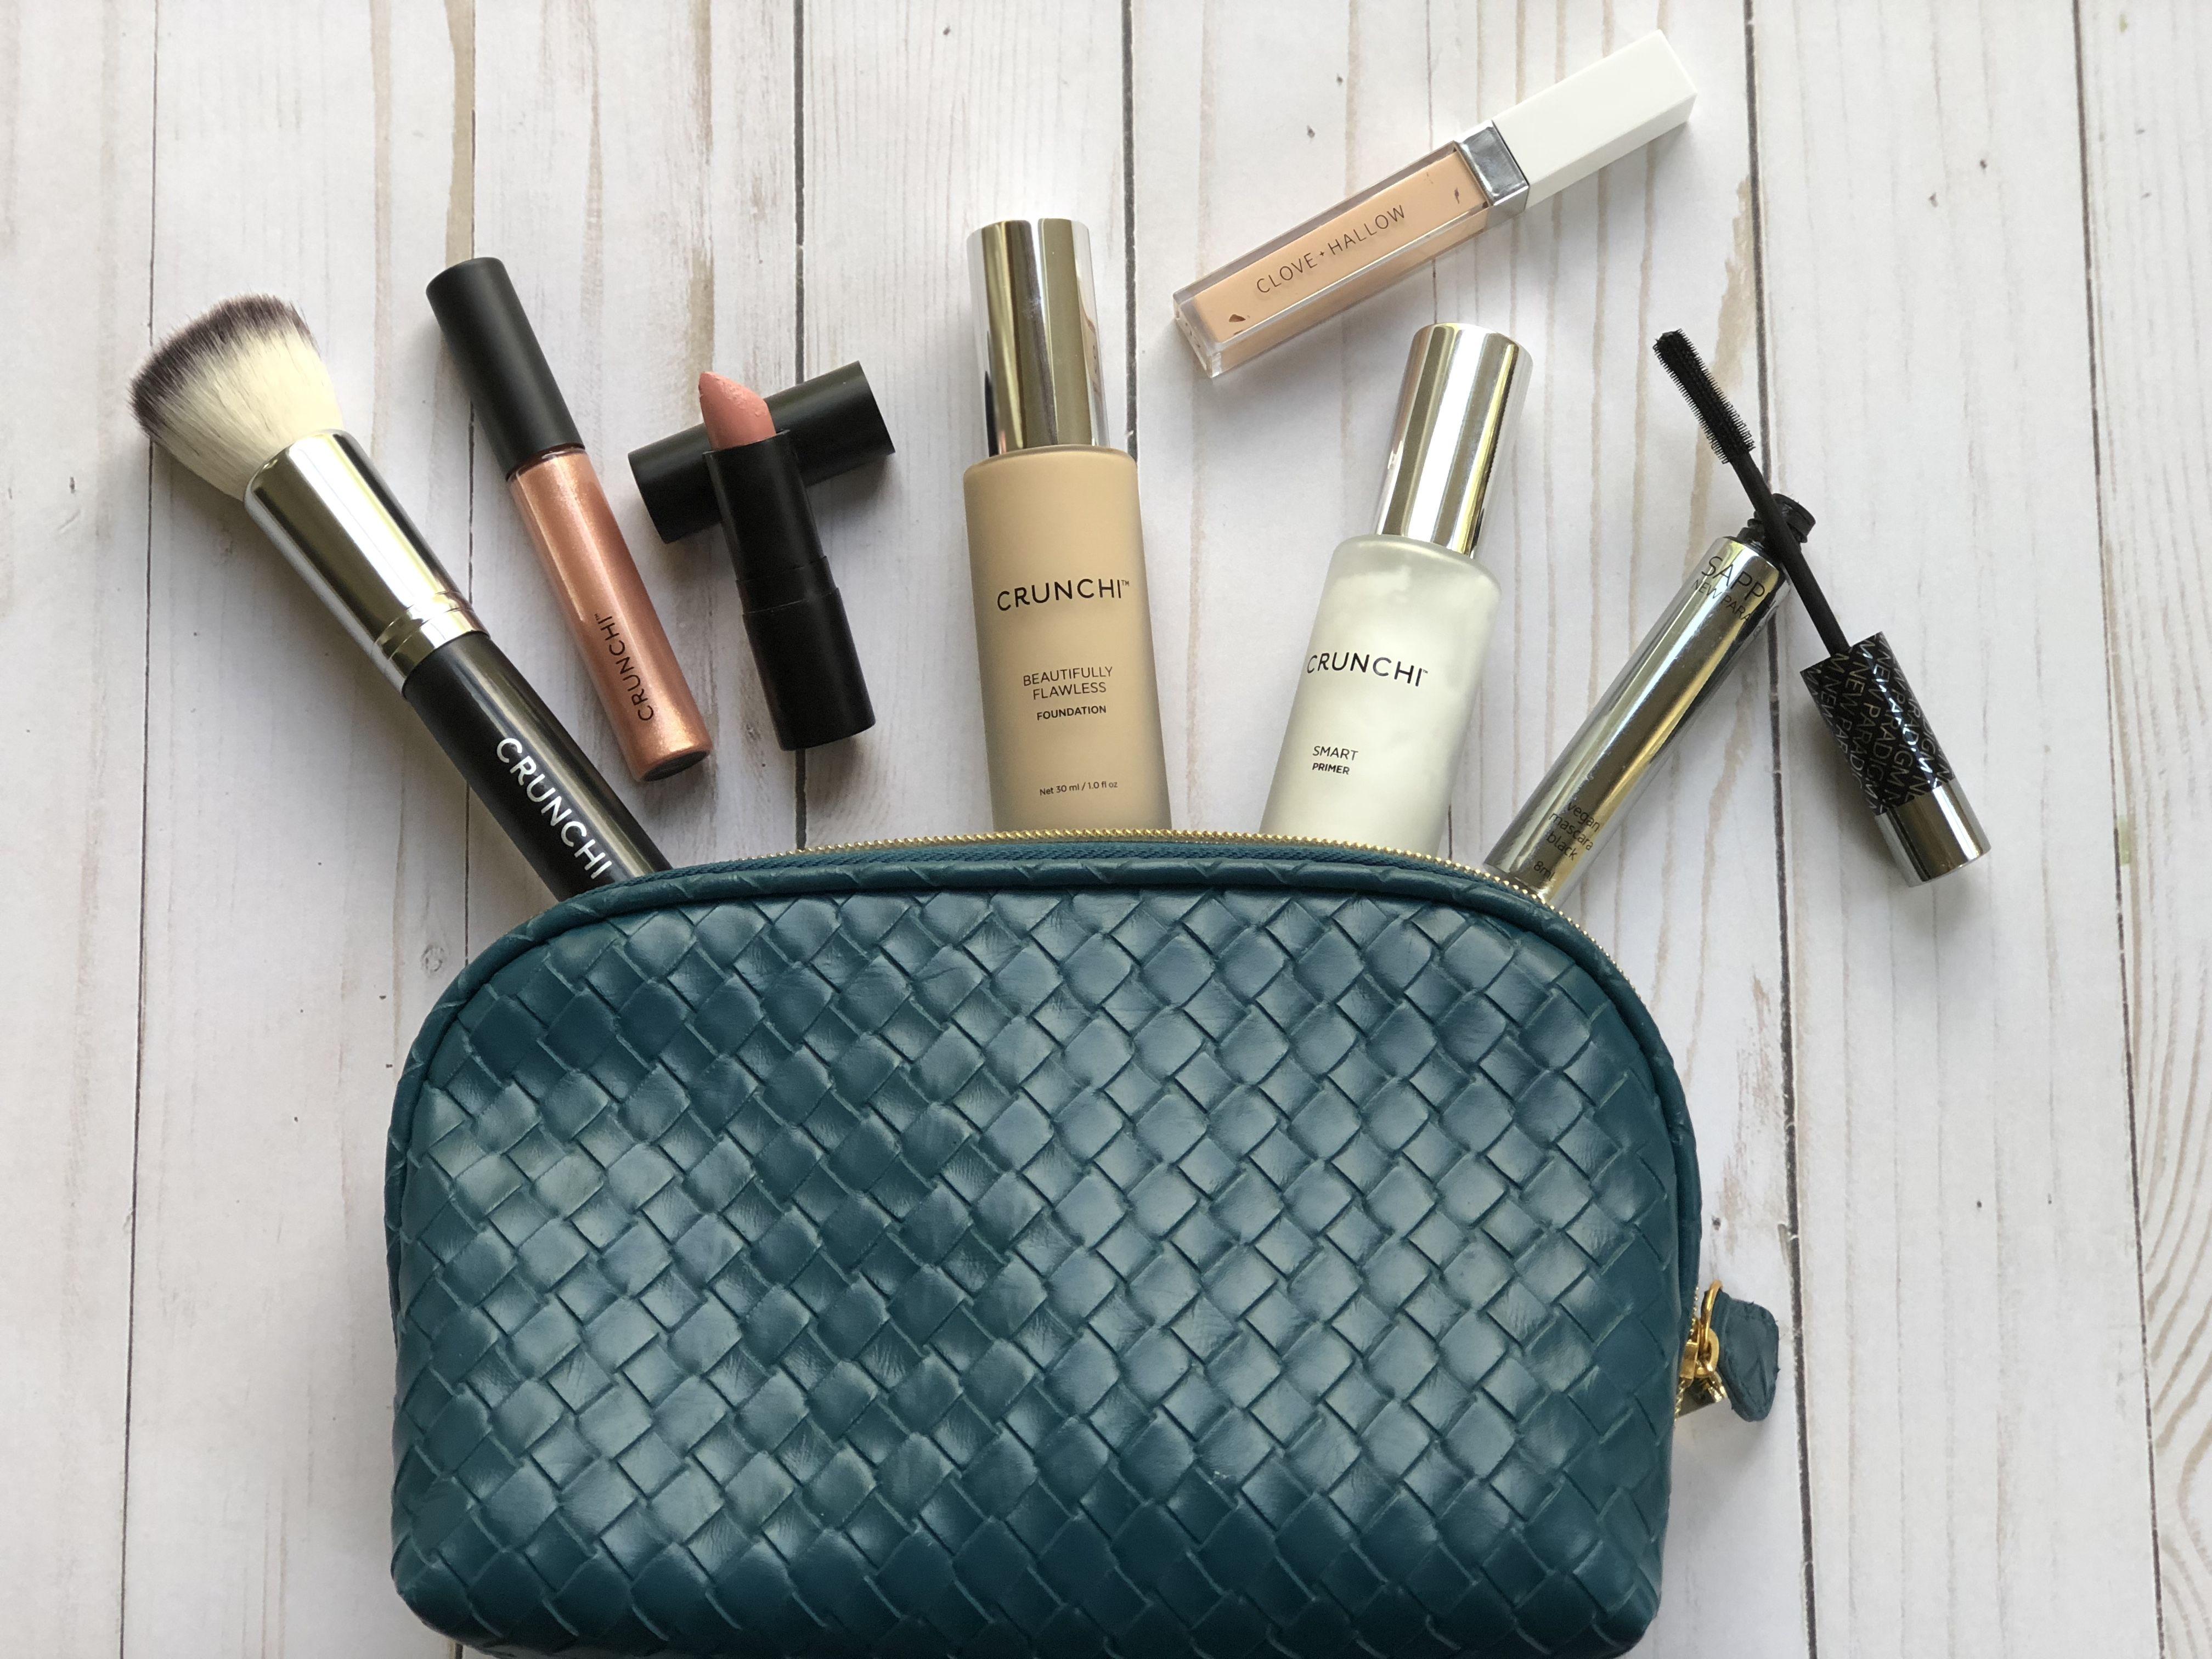 Safe, High Performance Cosmetics & Makeup Safe cosmetics